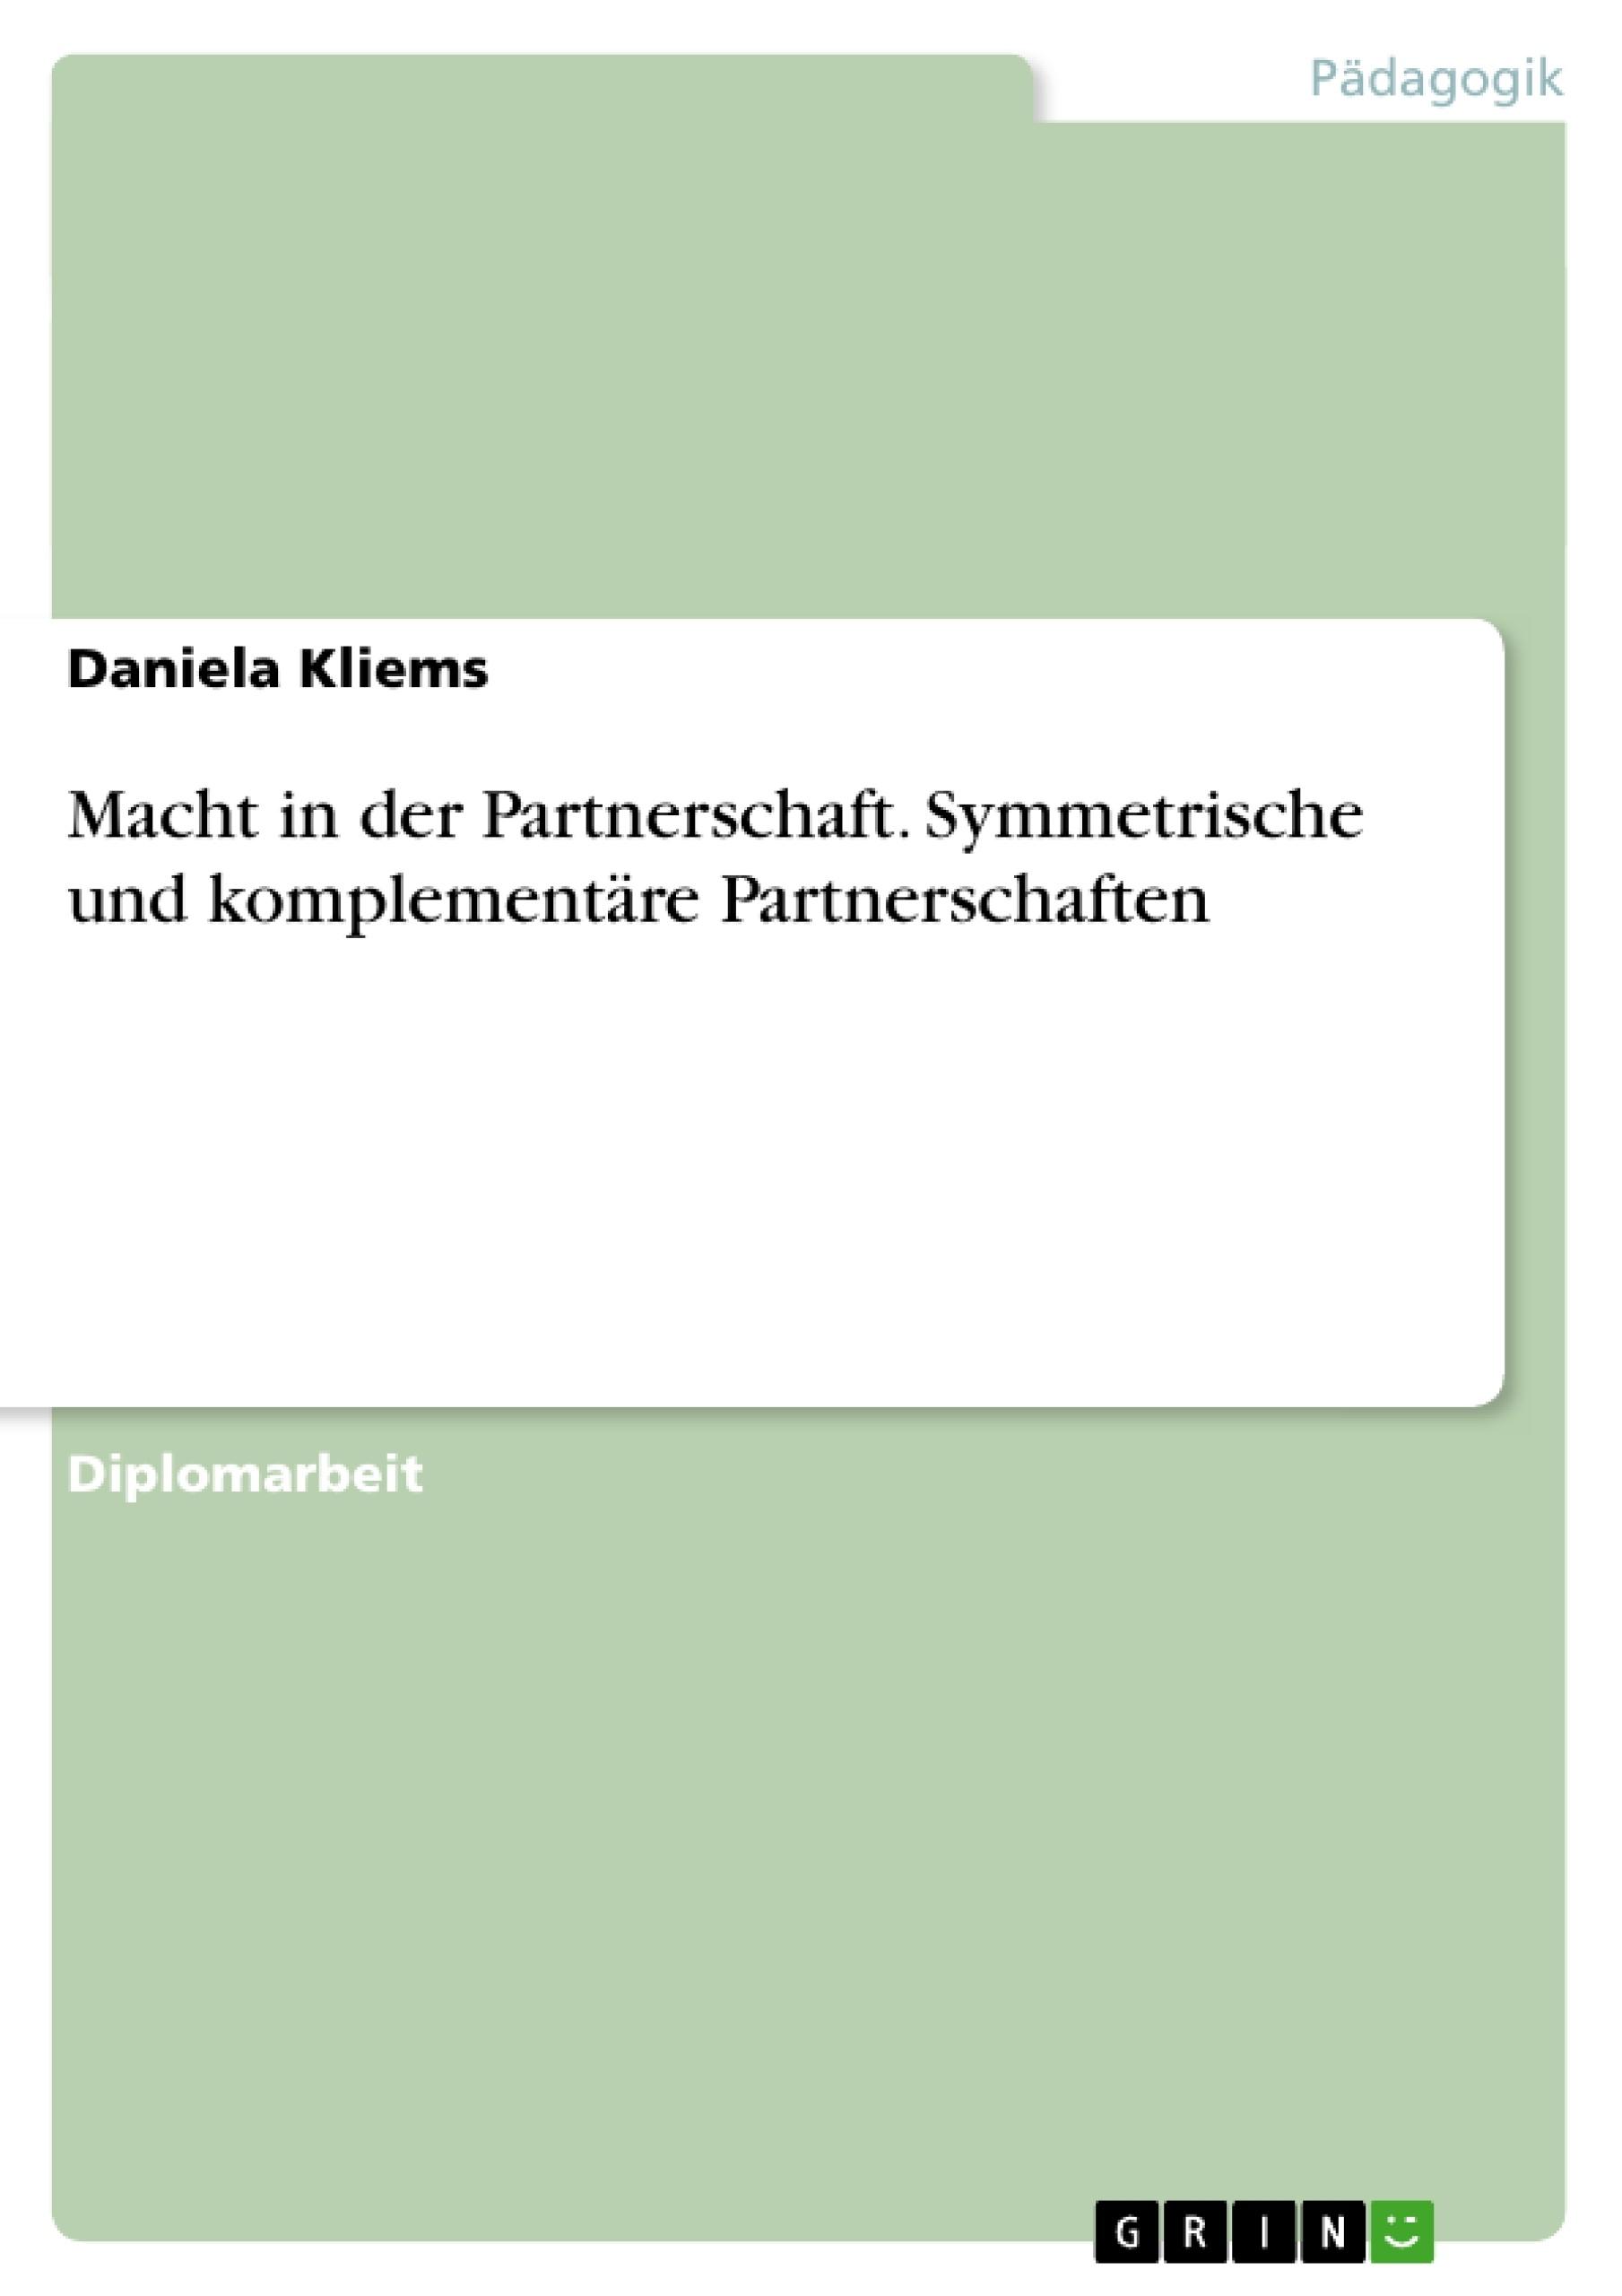 Titel: Macht in der Partnerschaft. Symmetrische und komplementäre Partnerschaften